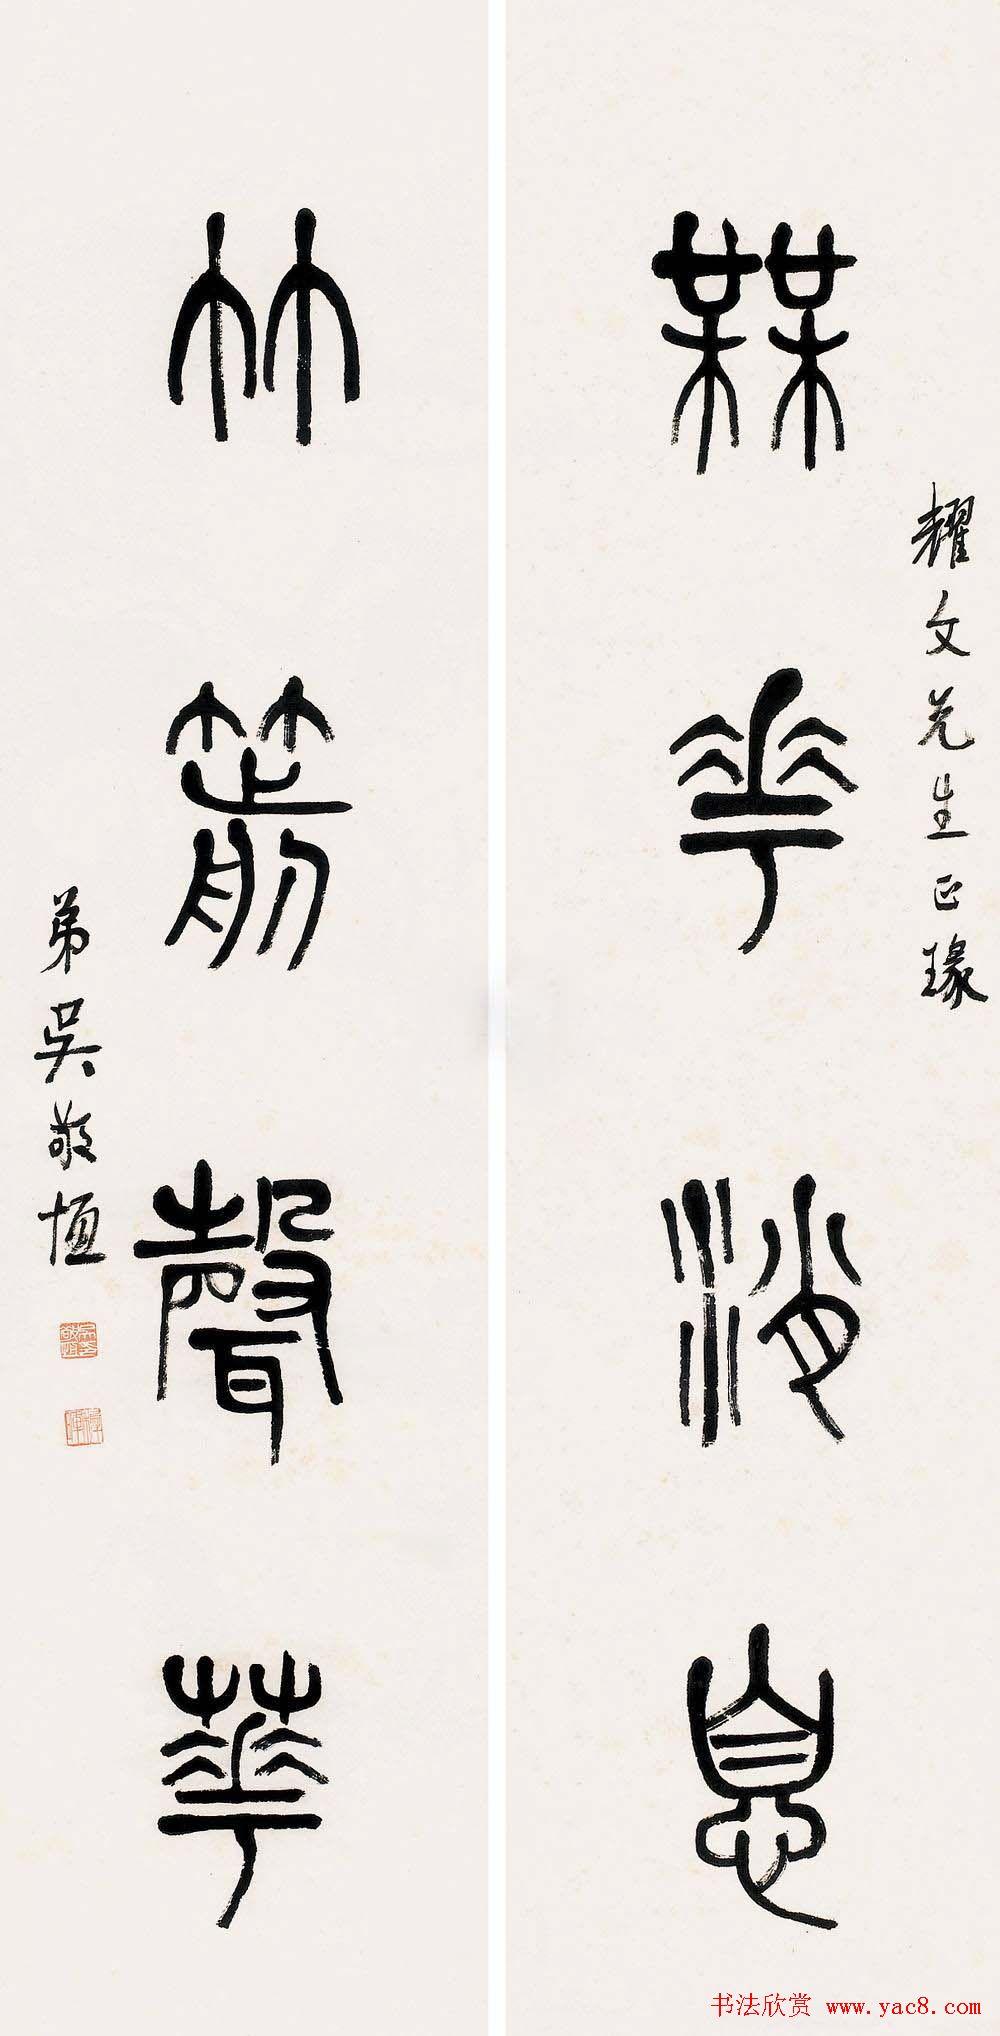 吴稚晖书法墨迹篆书作品 第4页 毛笔书法 书法欣赏